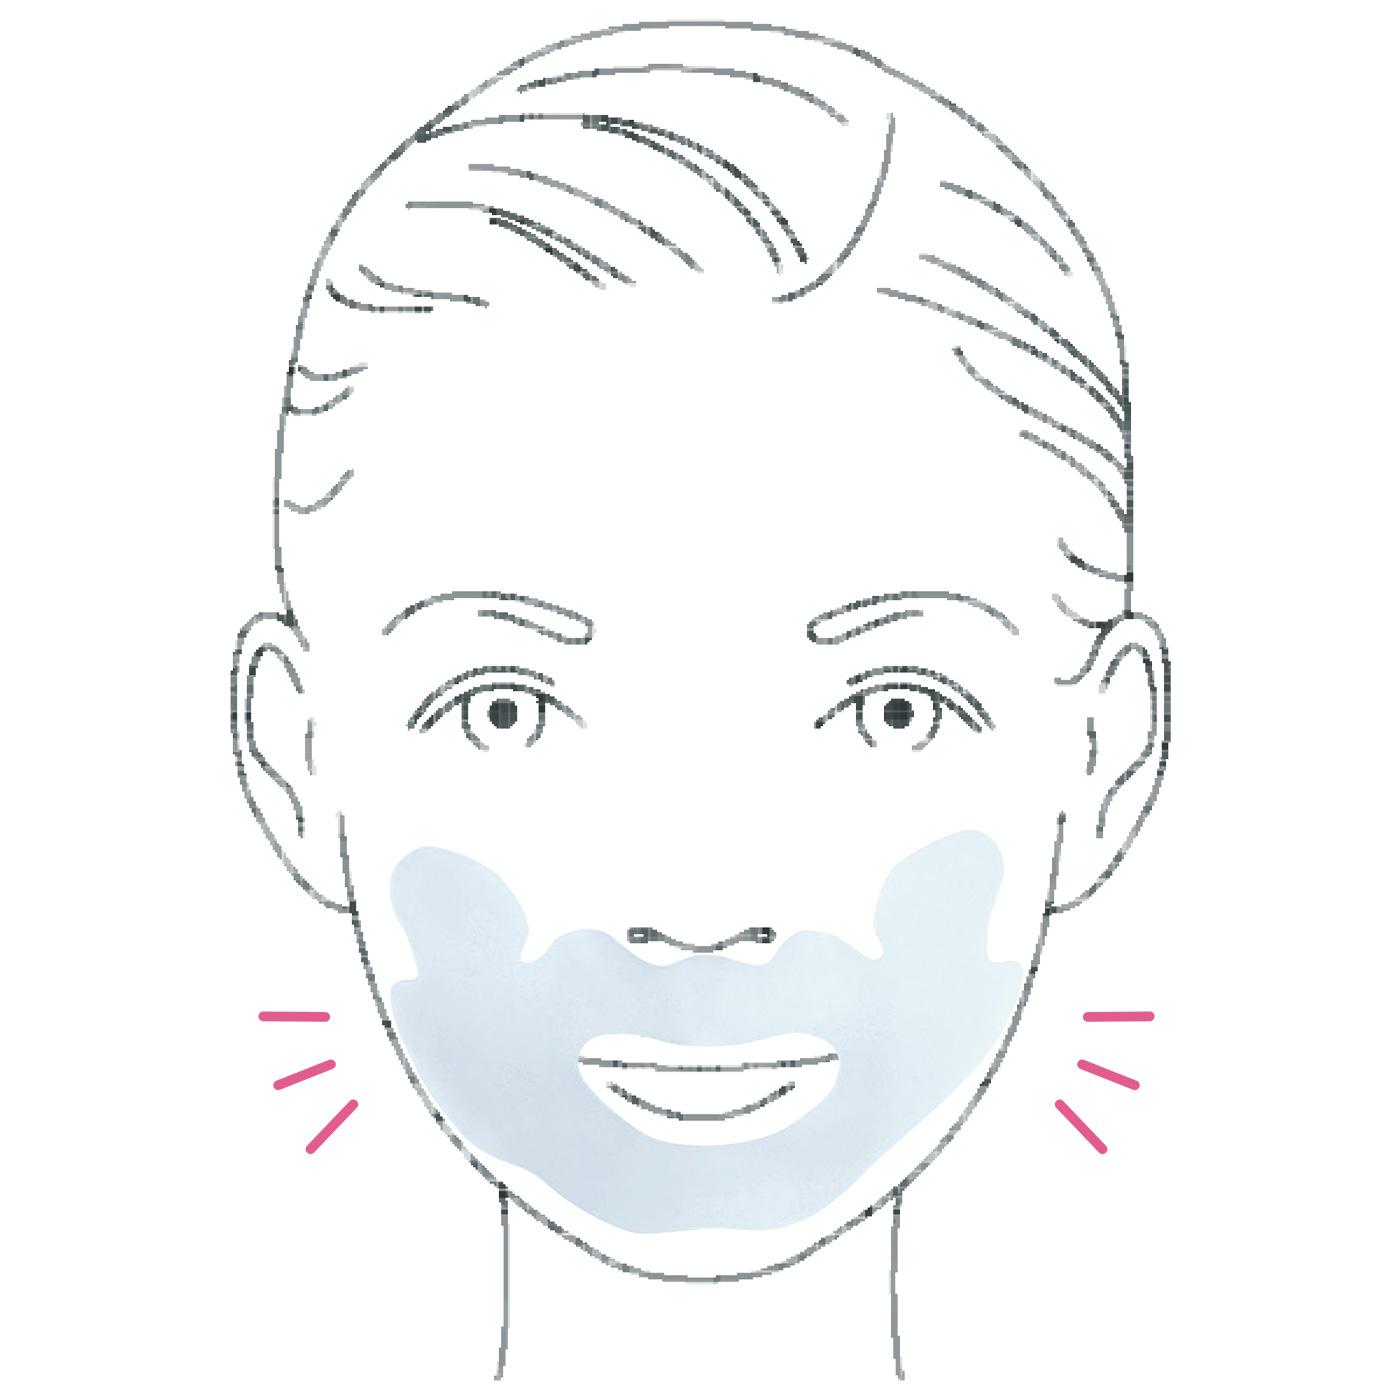 立体的な口もとの形にフィットしやすいこだわりの形状。